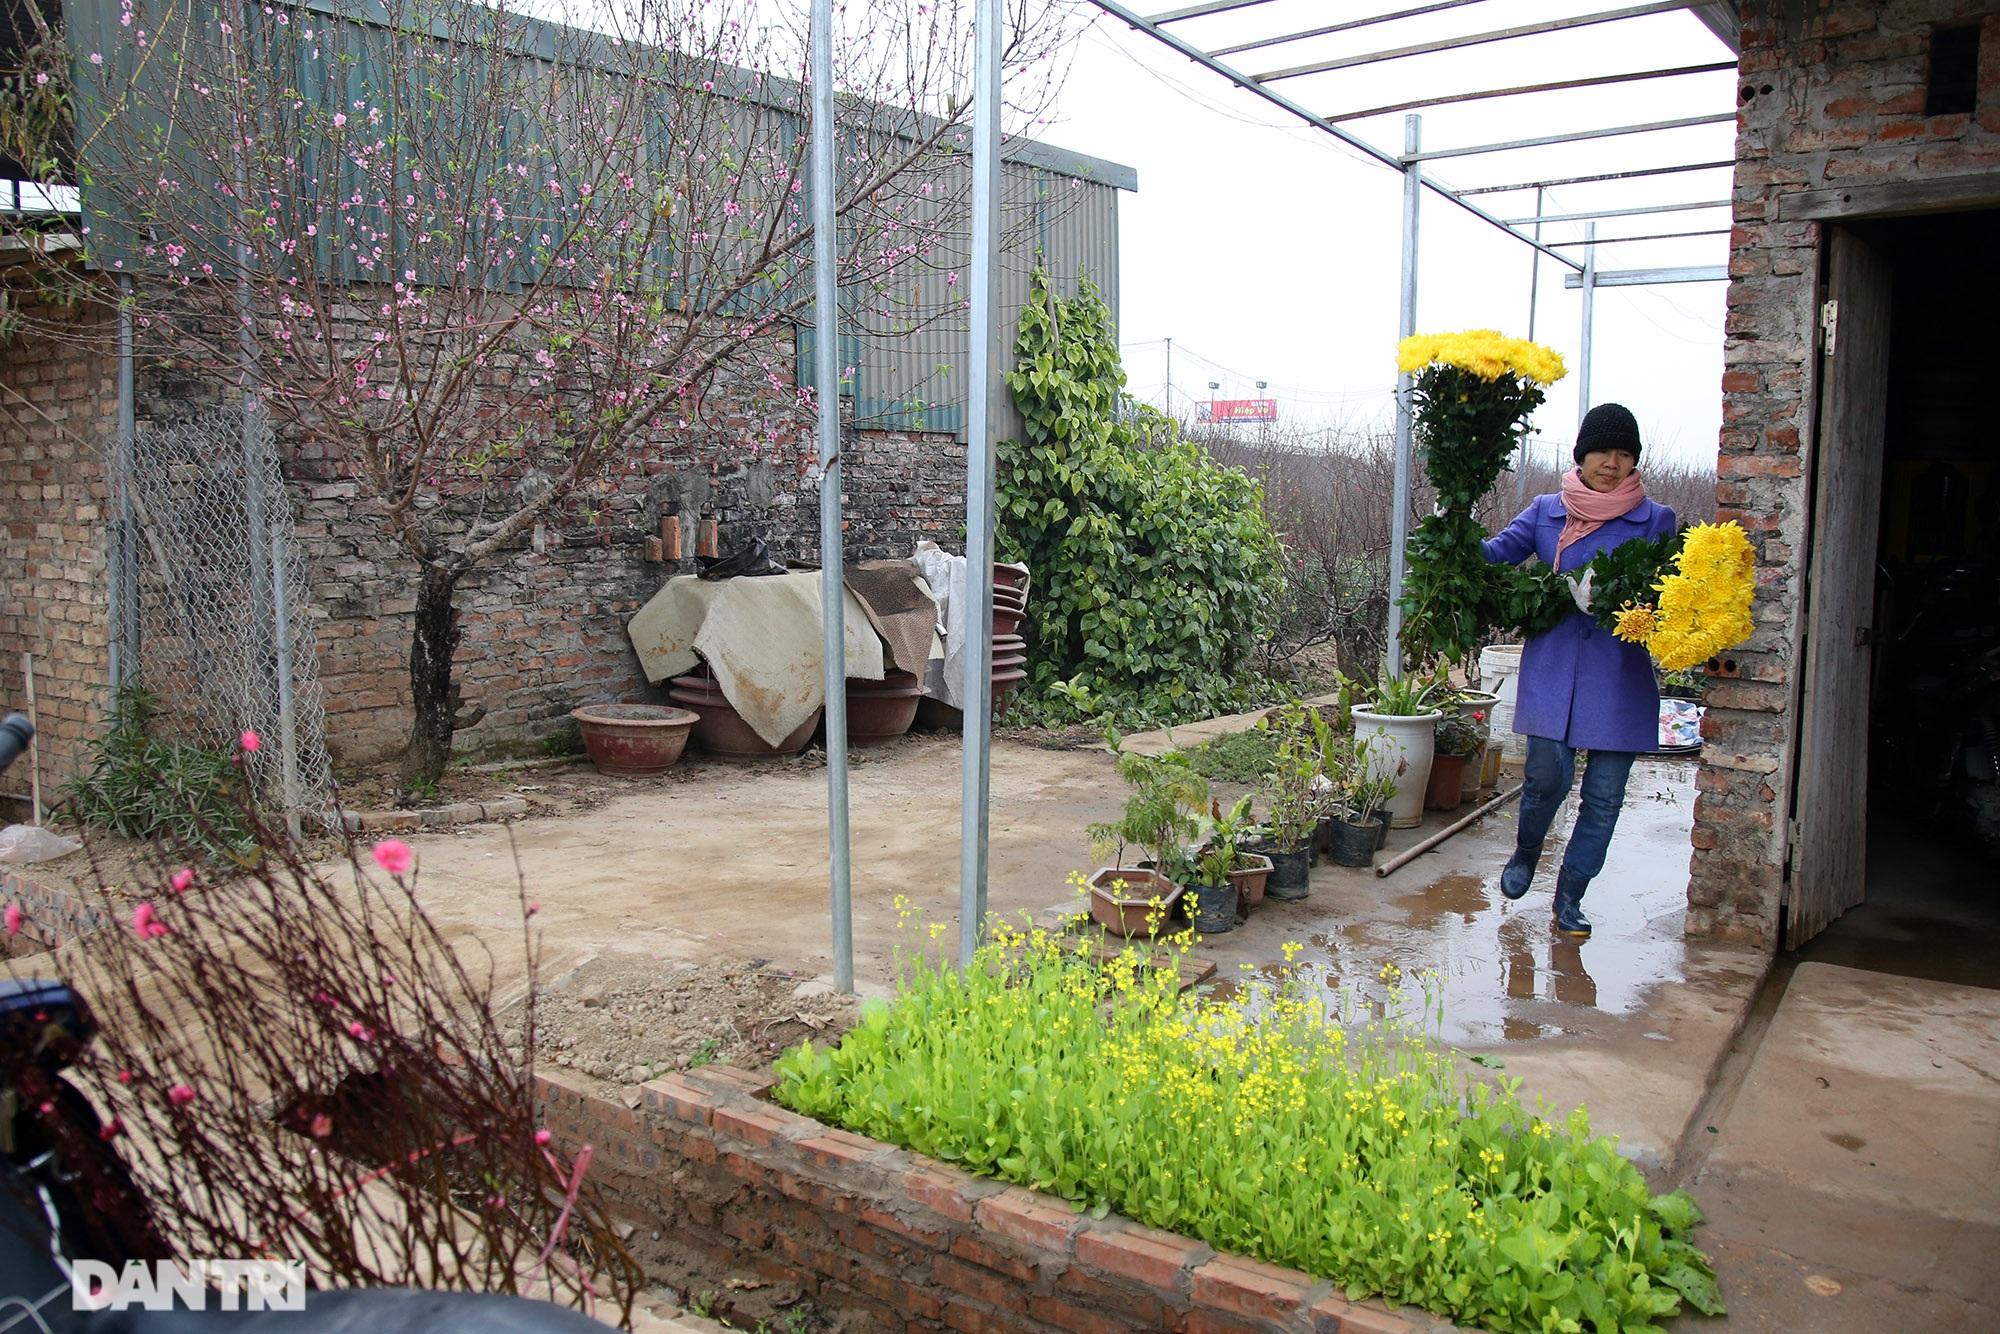 Hoa đào đỏ rực phủ kín cánh đồng Nhật Tân rộng bát ngát - 10